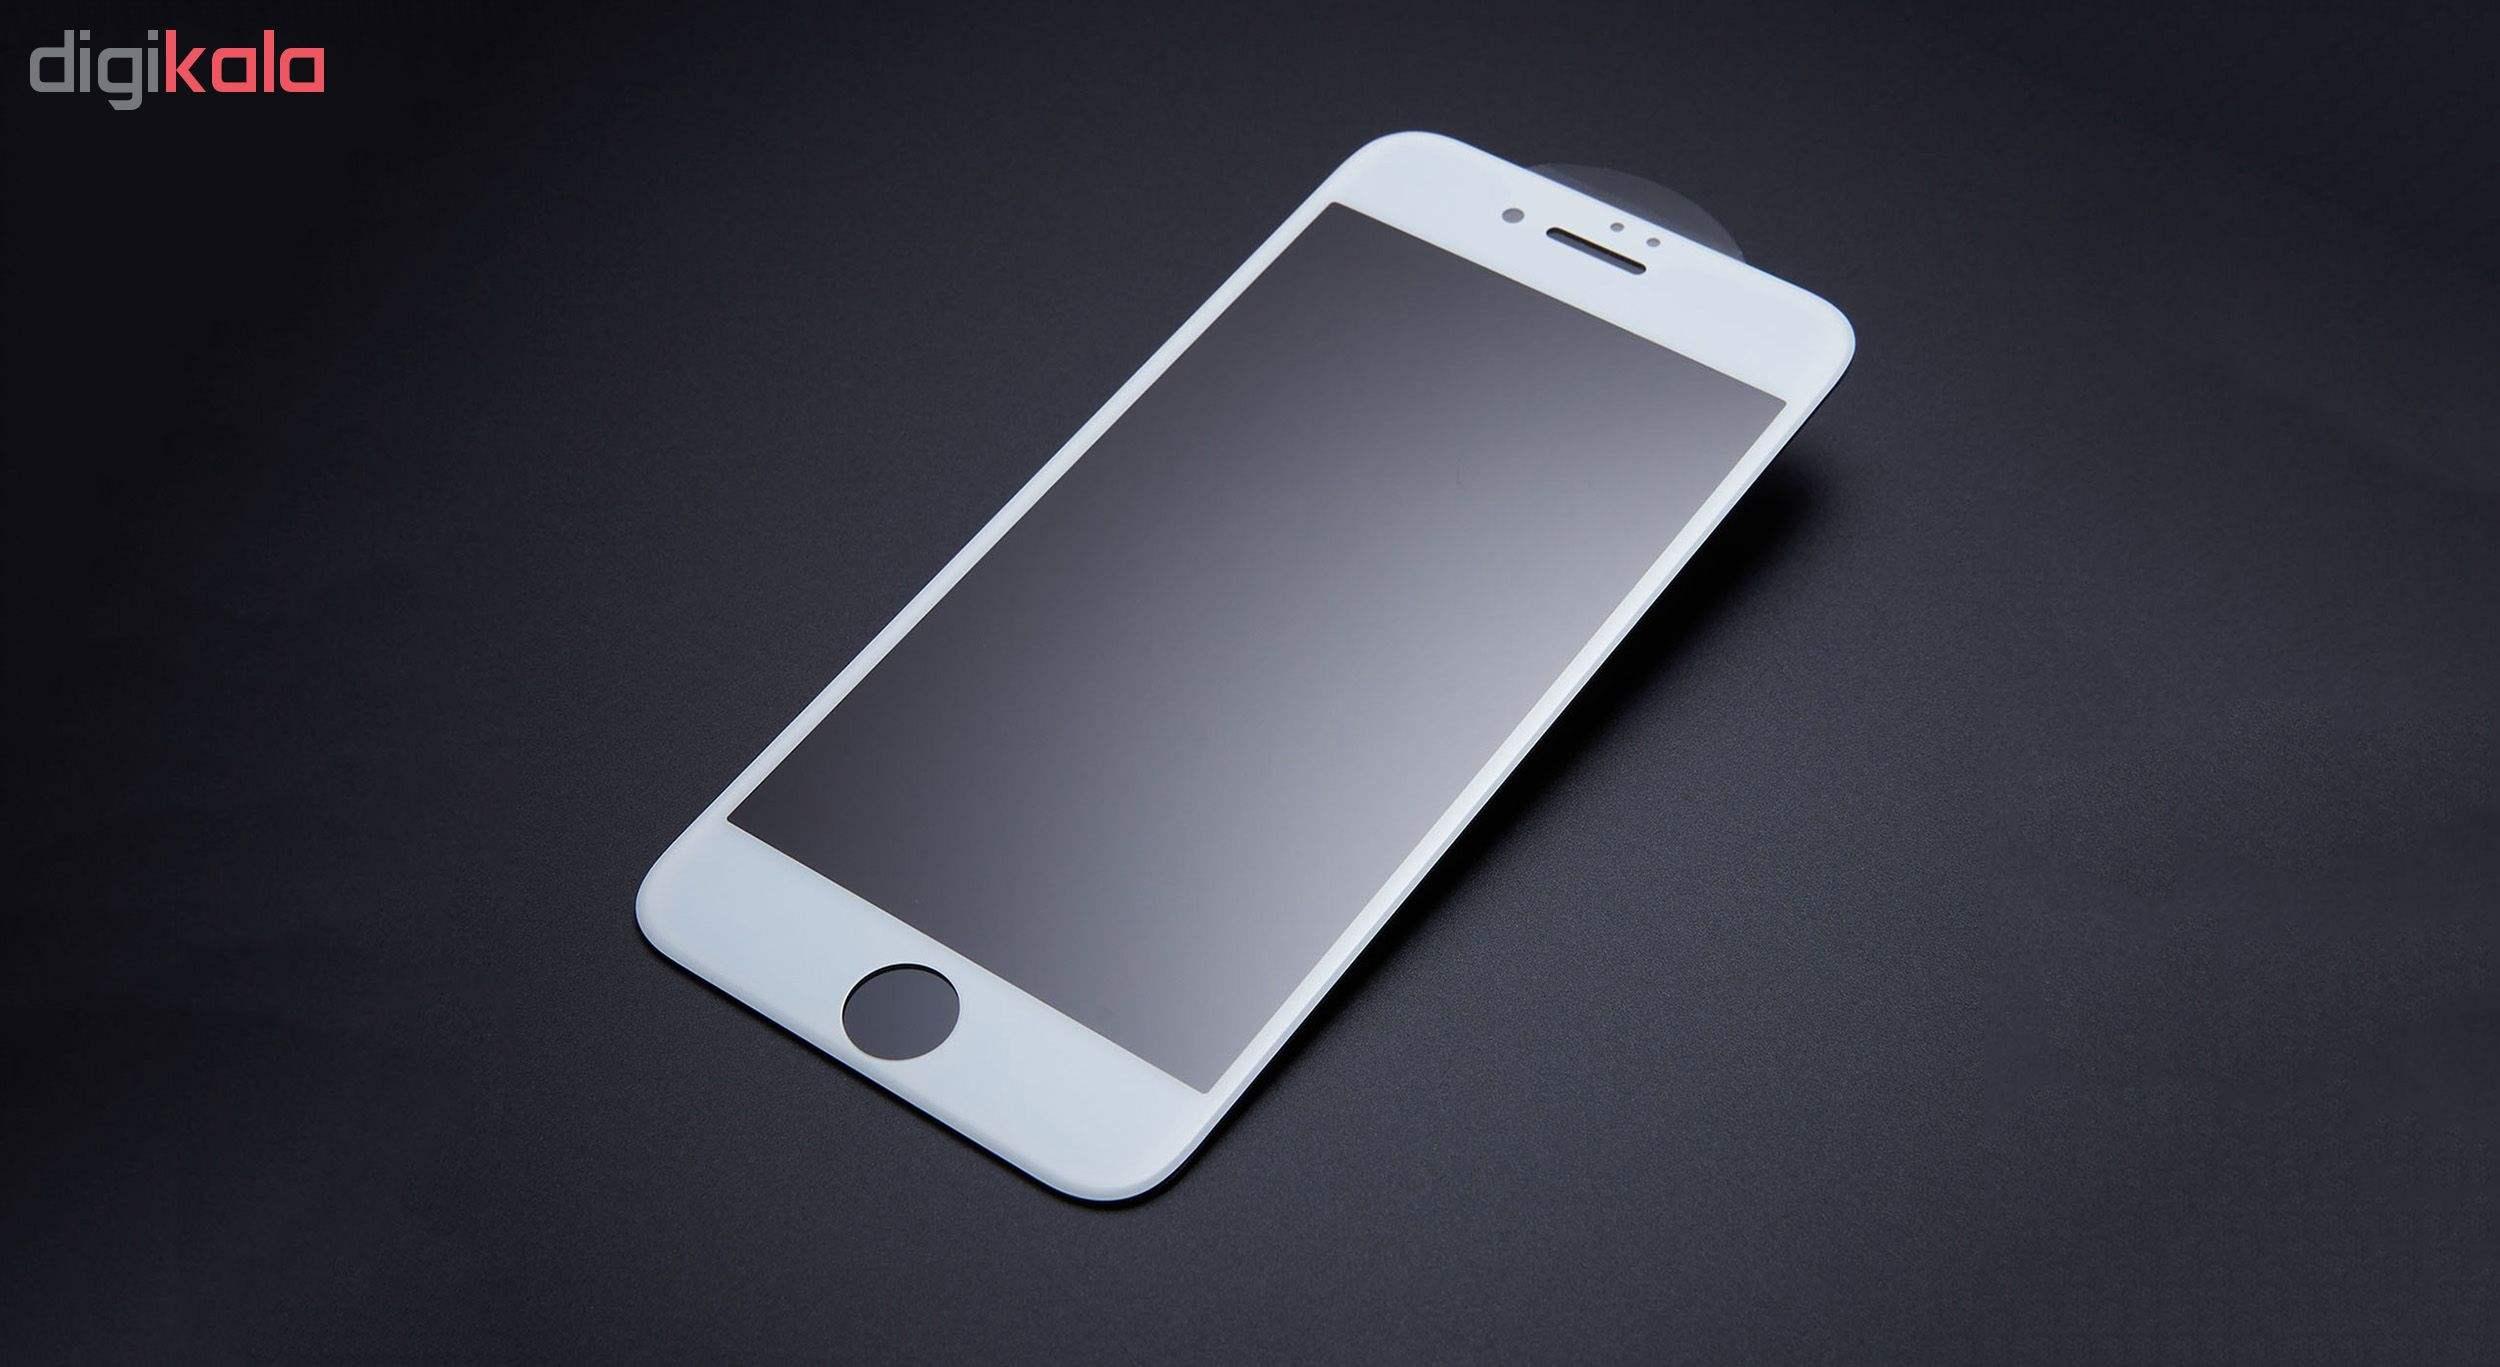 محافظ صفحه نمایش سومگ مدل 9-Nitro مناسب برای گوشی موبایل اپل Iphone 6s Plus  main 1 2